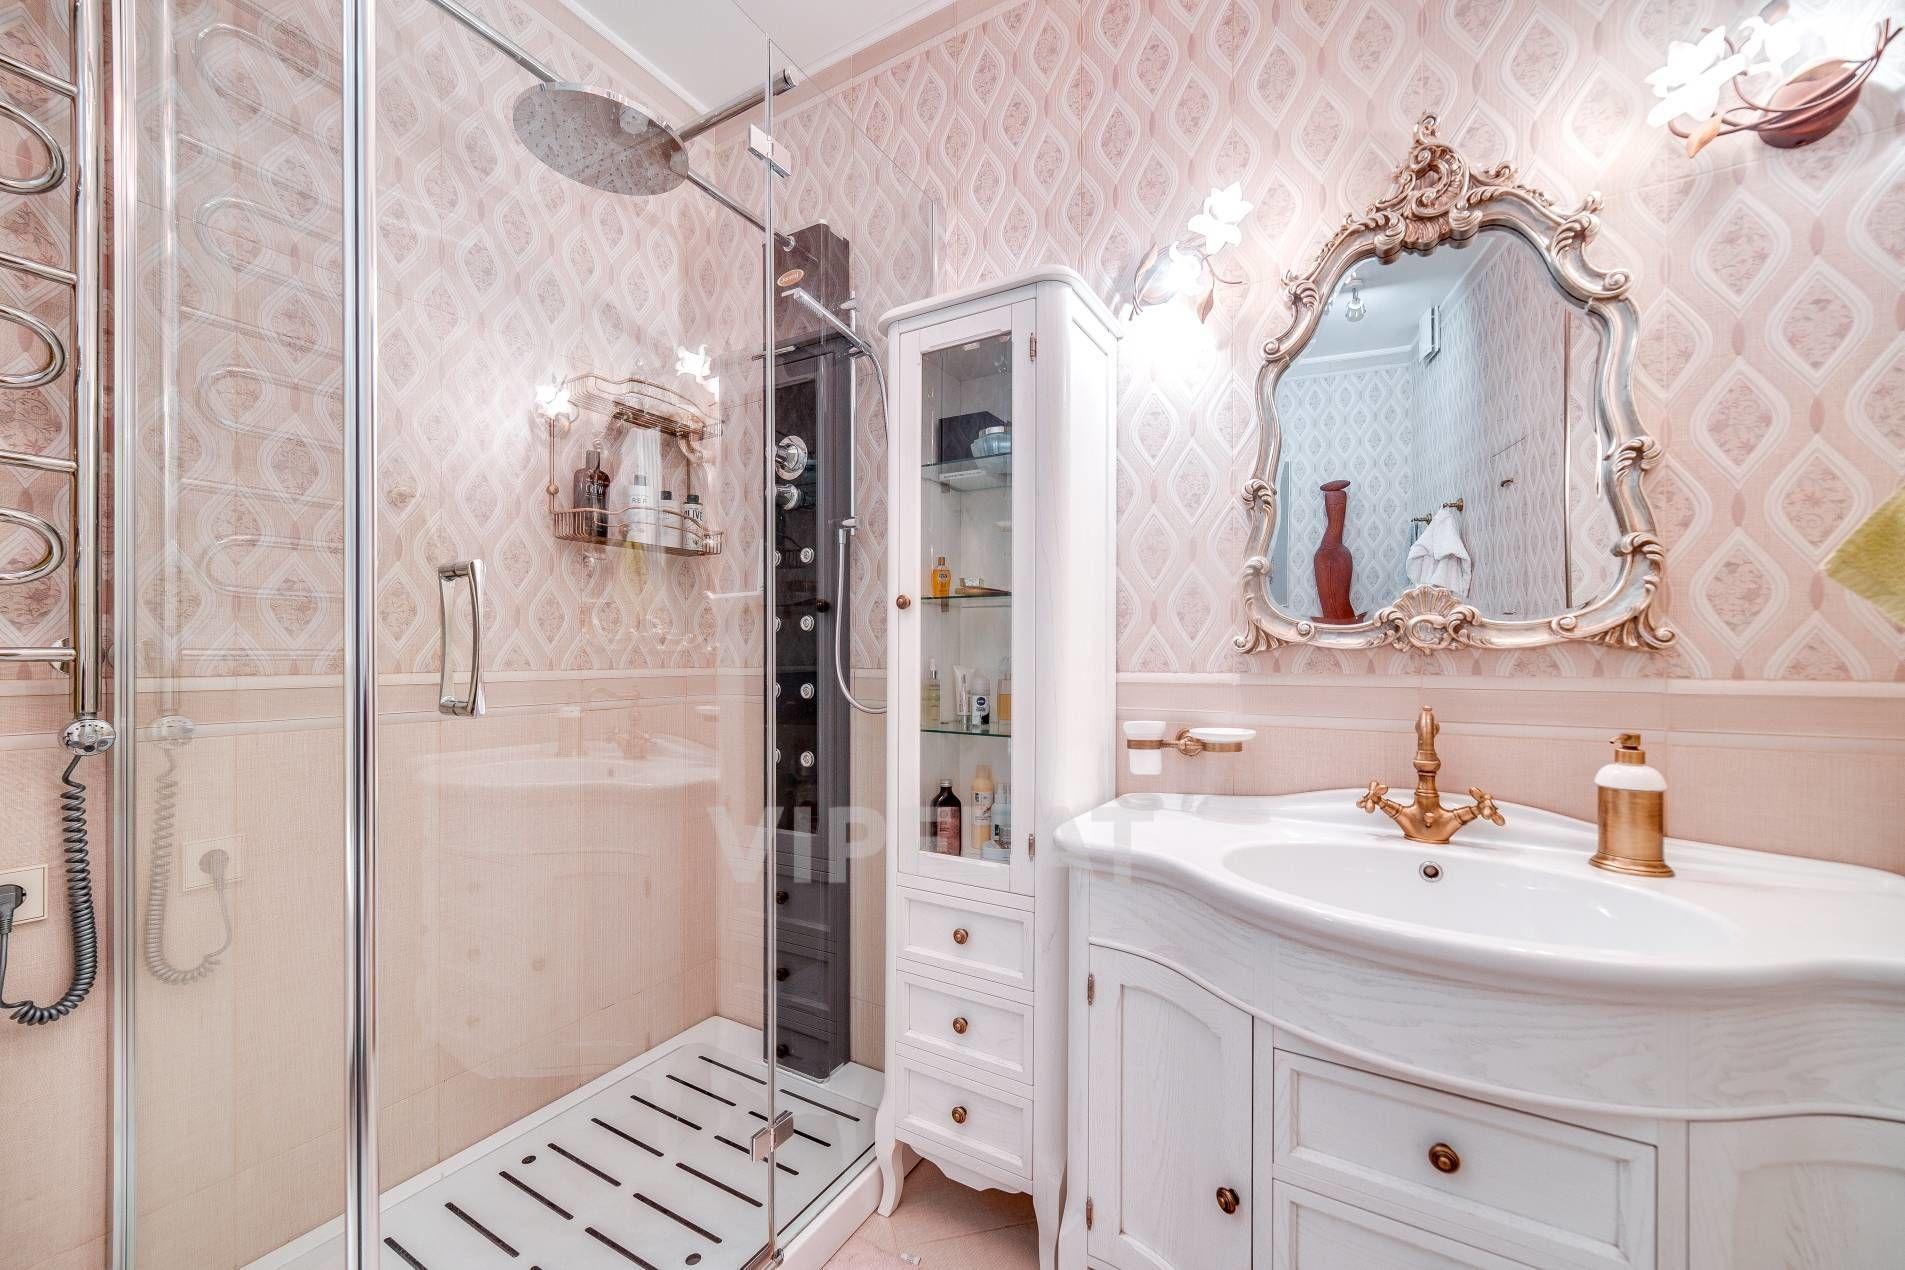 Продажа элитных квартир Санкт-Петербурга. 9-я Советская ул., 5 Светлая ванная комната